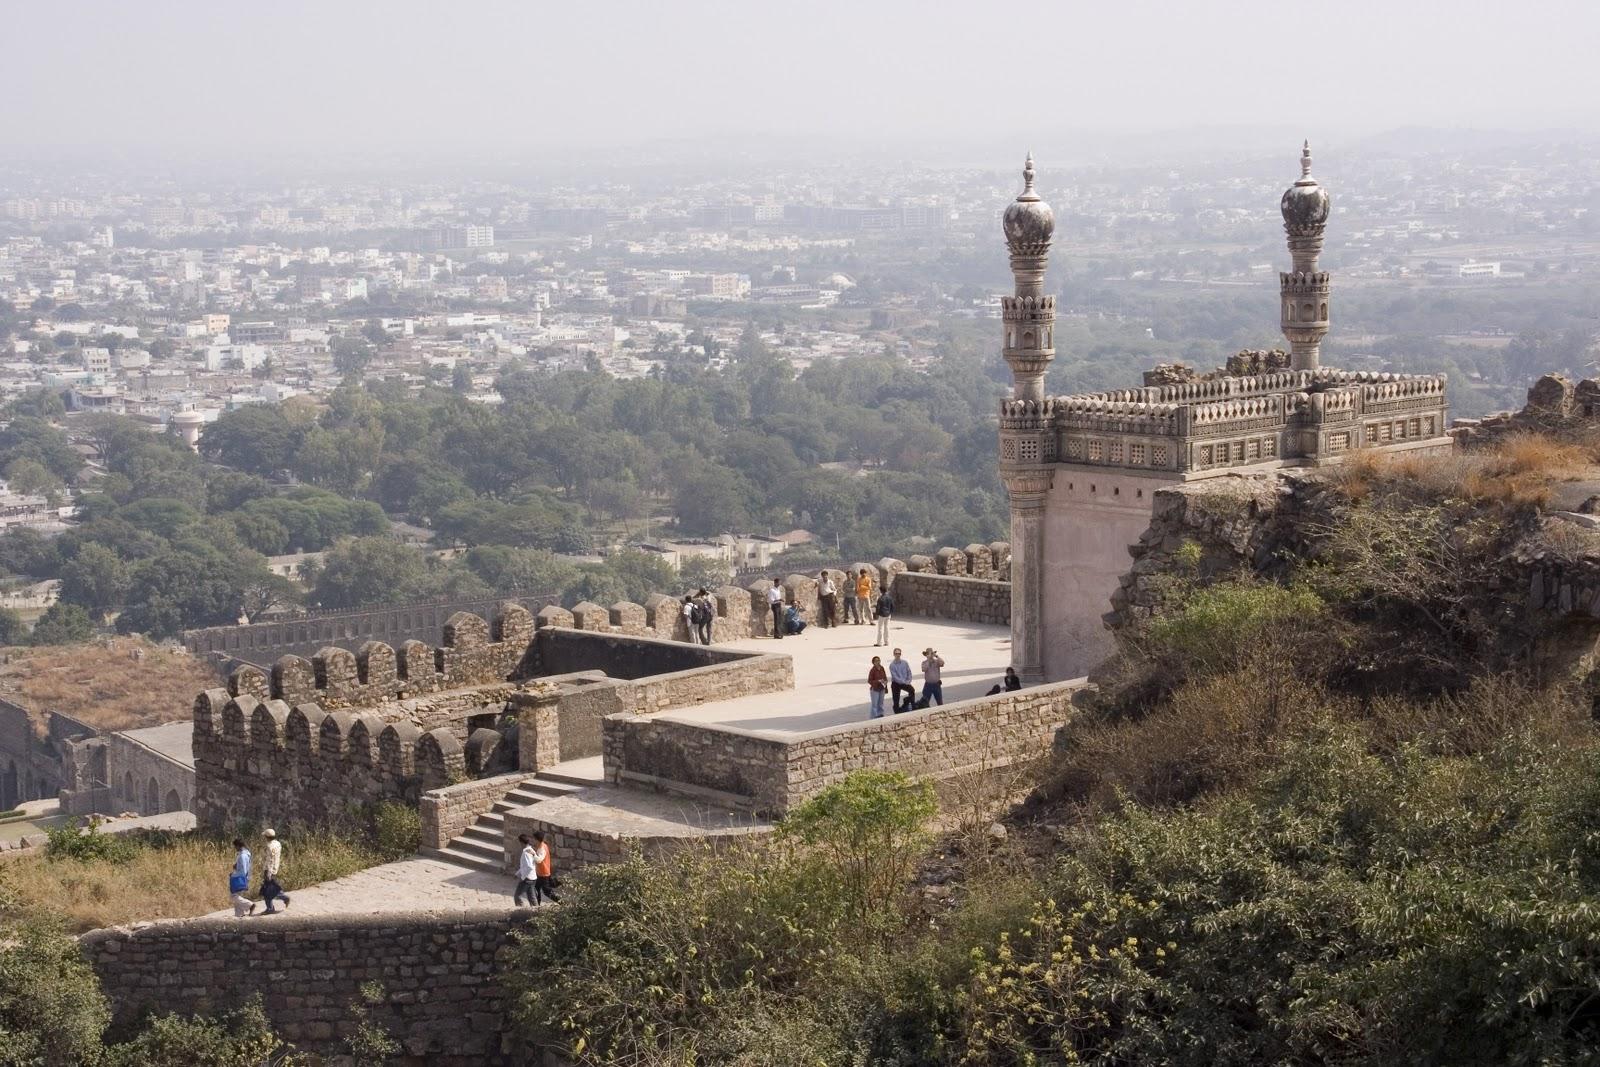 Bhismaknagar Fort - Bhismaknagar Image